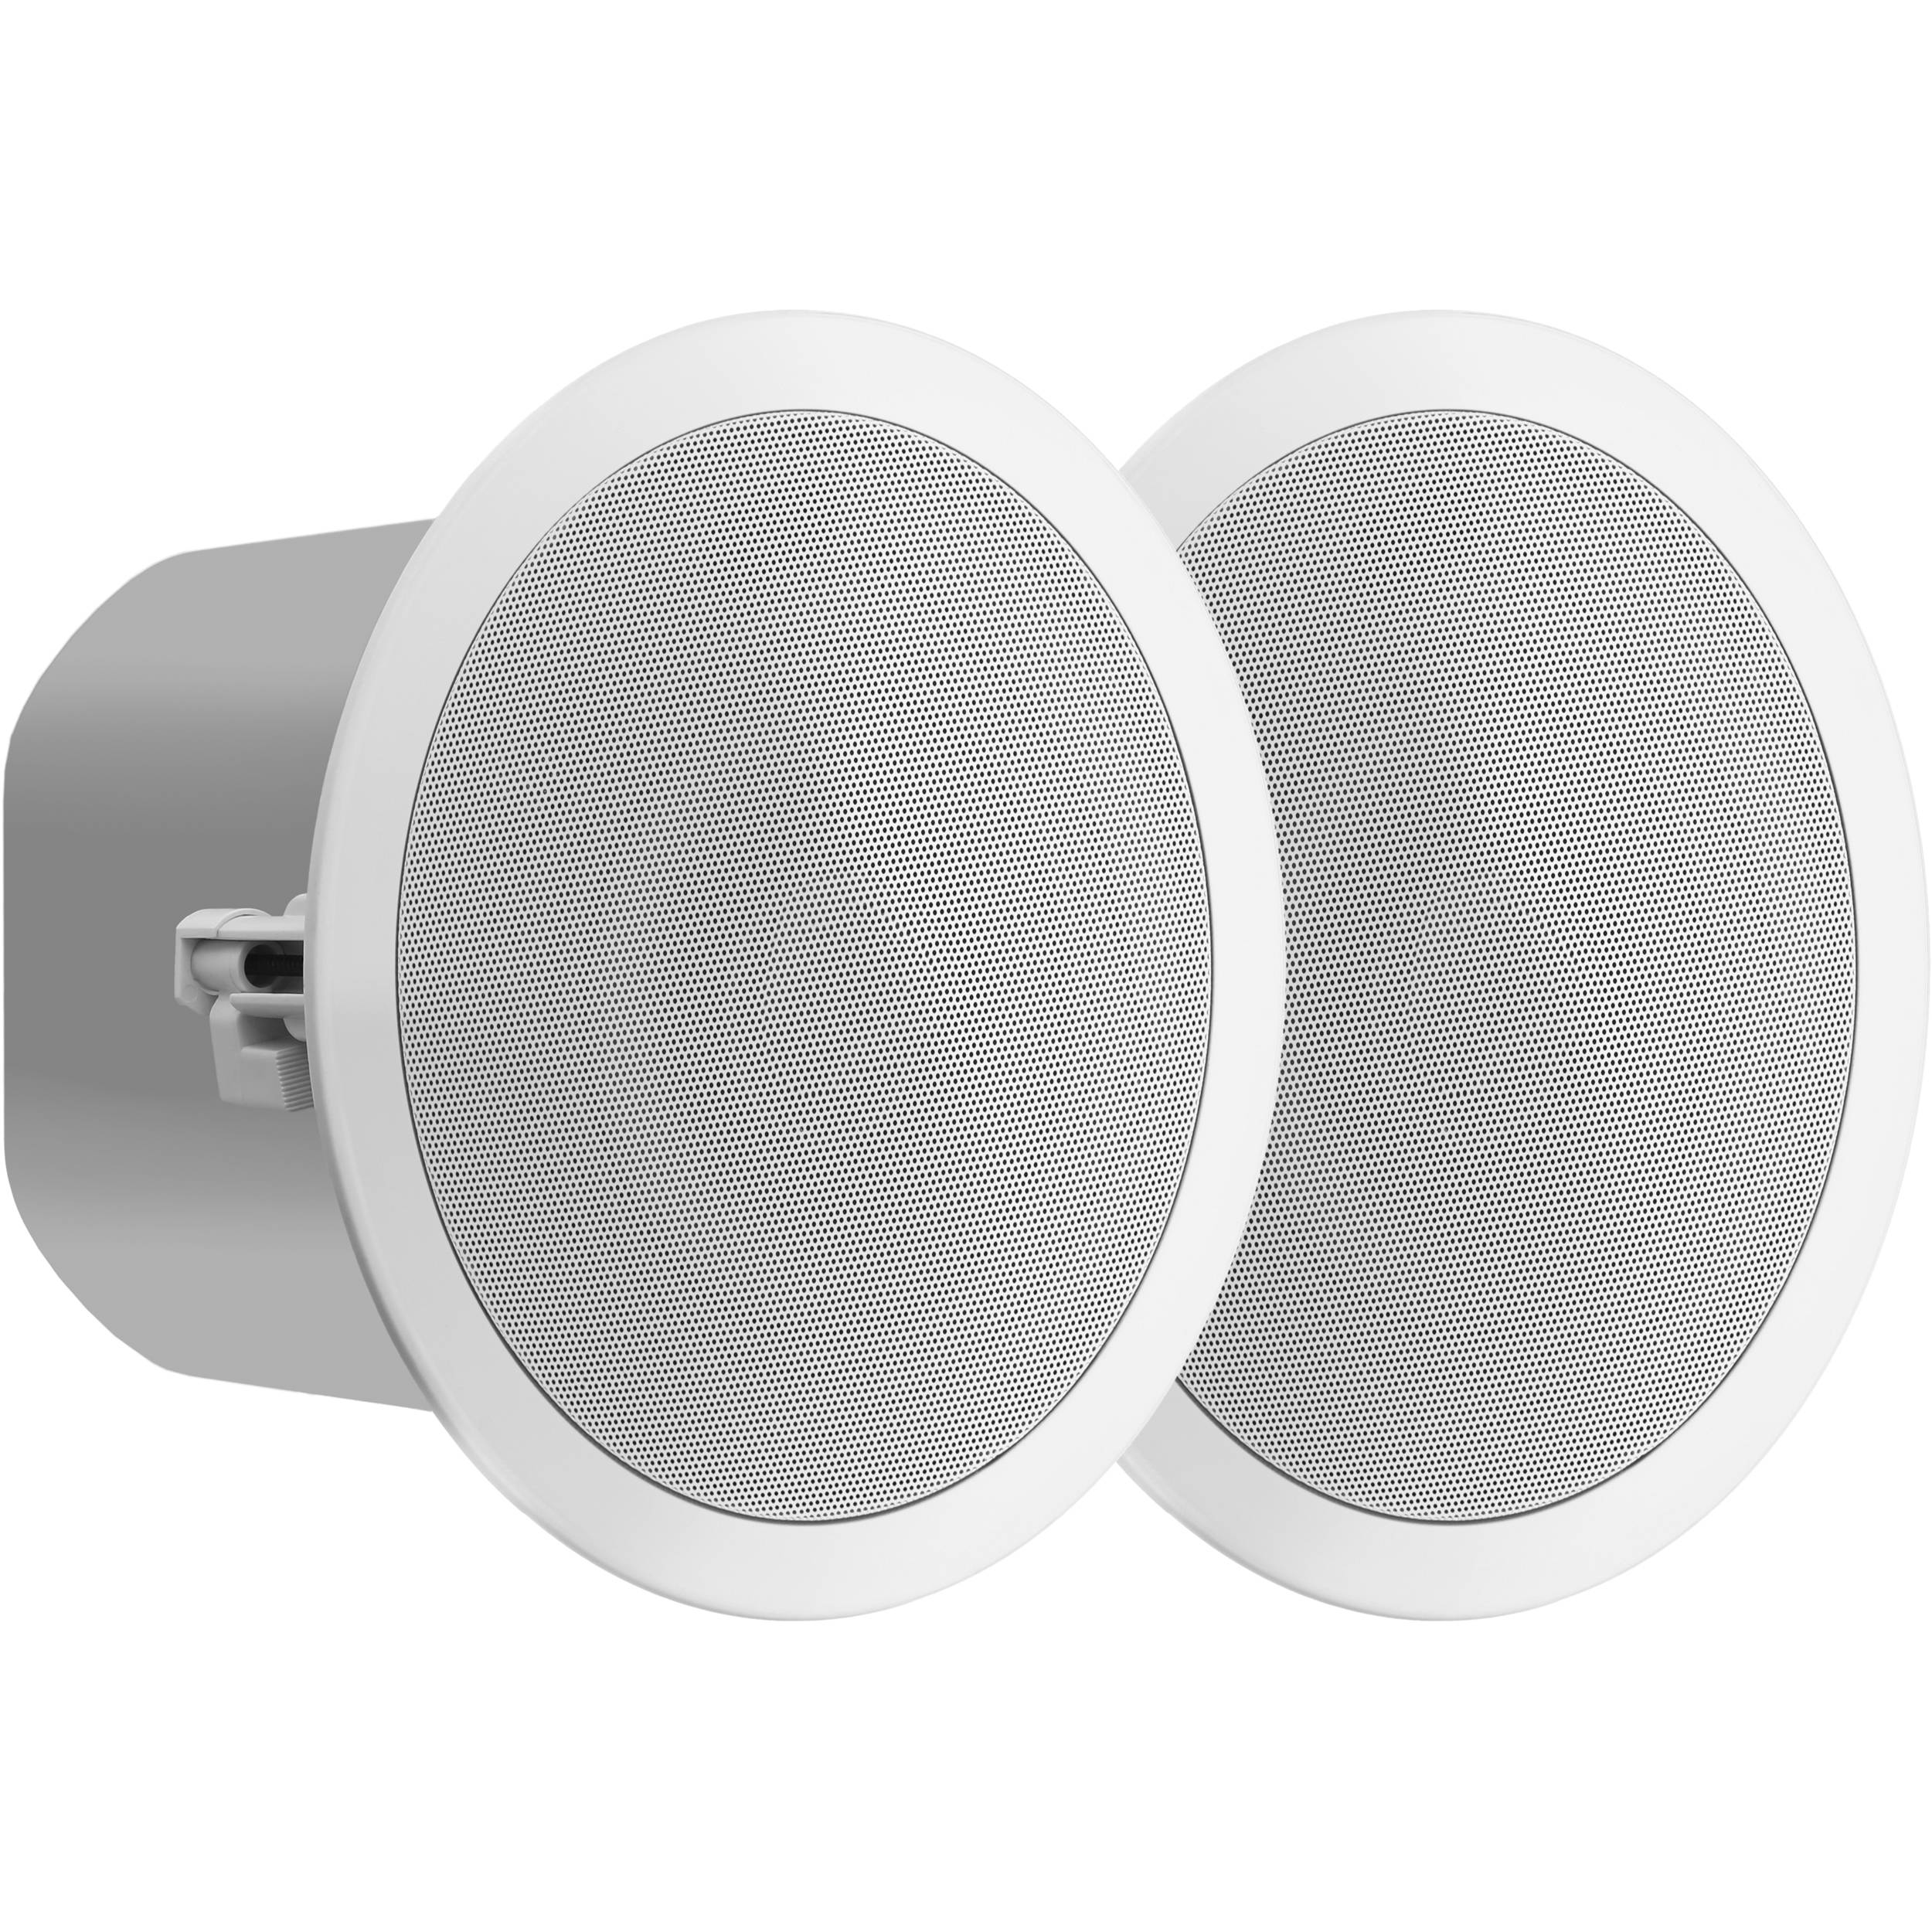 Senal Csp 142 80w 4 Quot Premium 2 Way Ceiling Speaker Csp 142